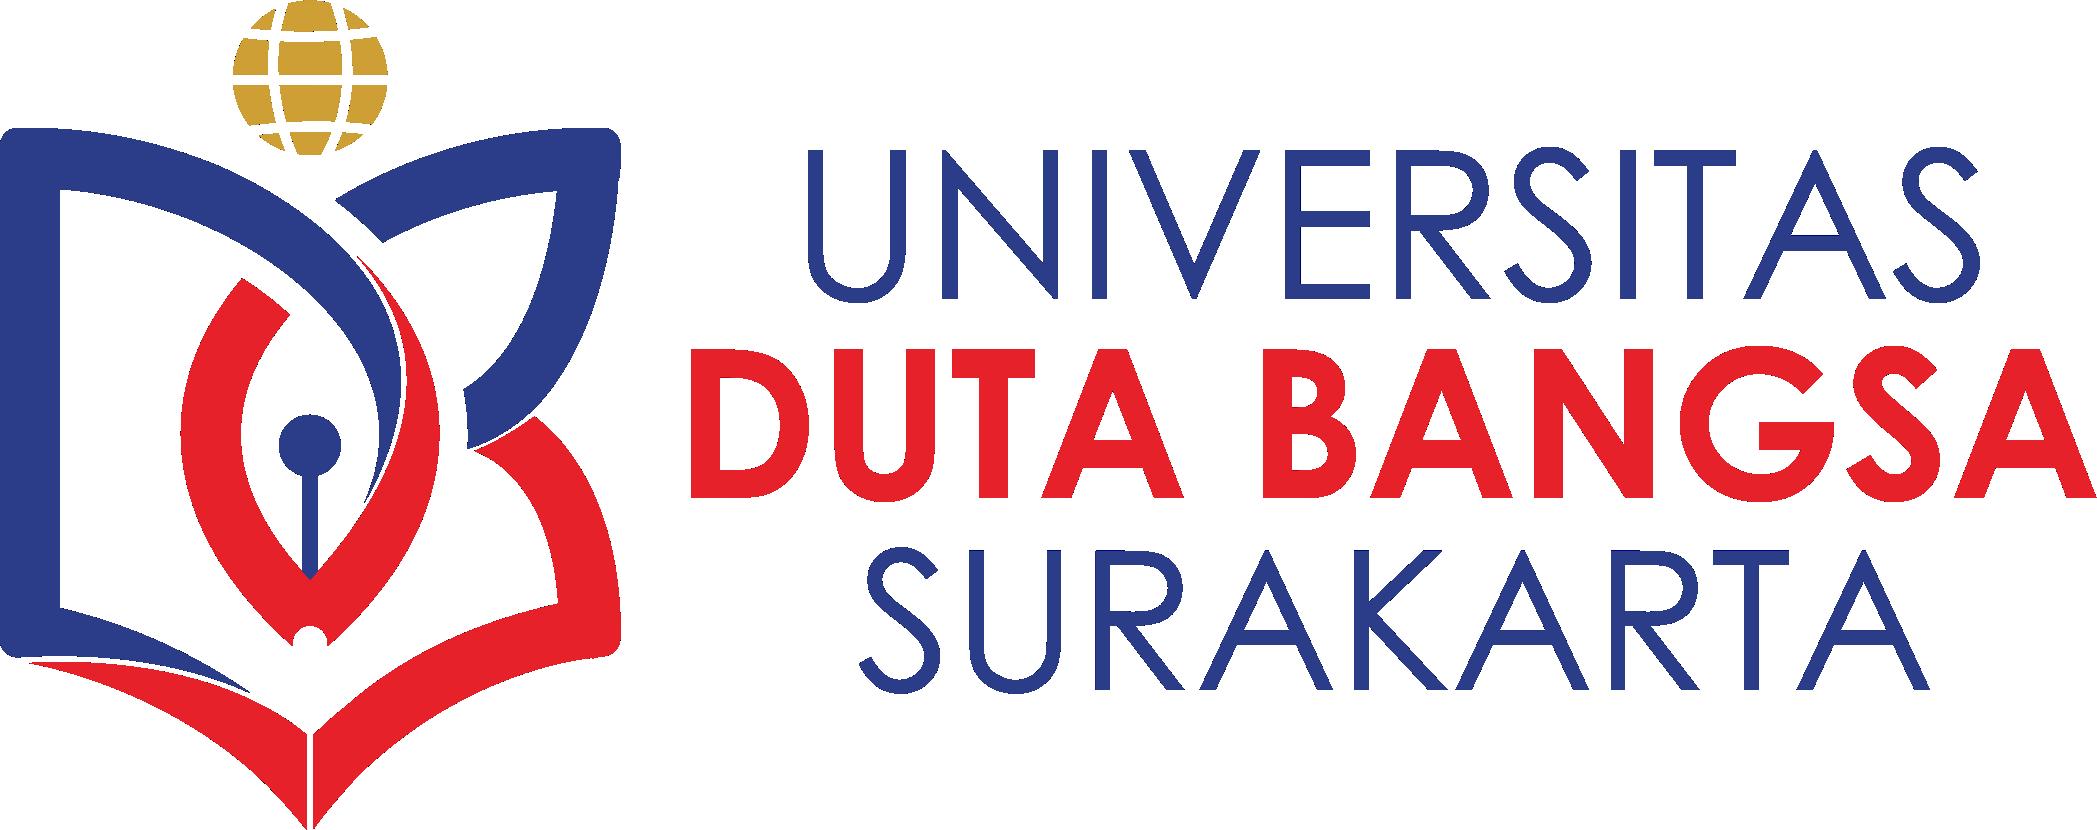 Universitas Duta Bangsa